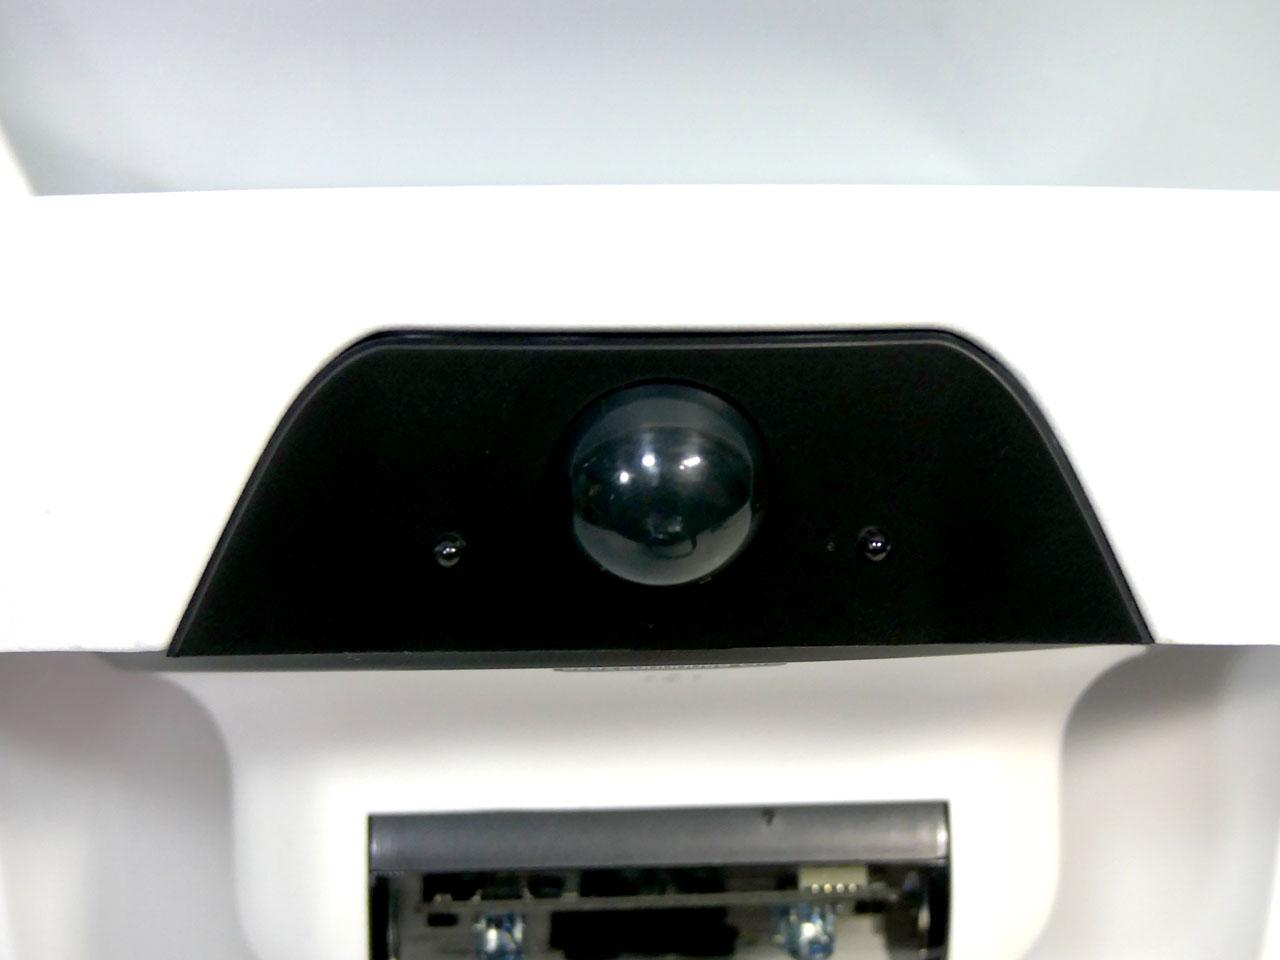 前面にある熱検知センサーで常時監視し、反応があった場合のみカメラでの録画を開始する